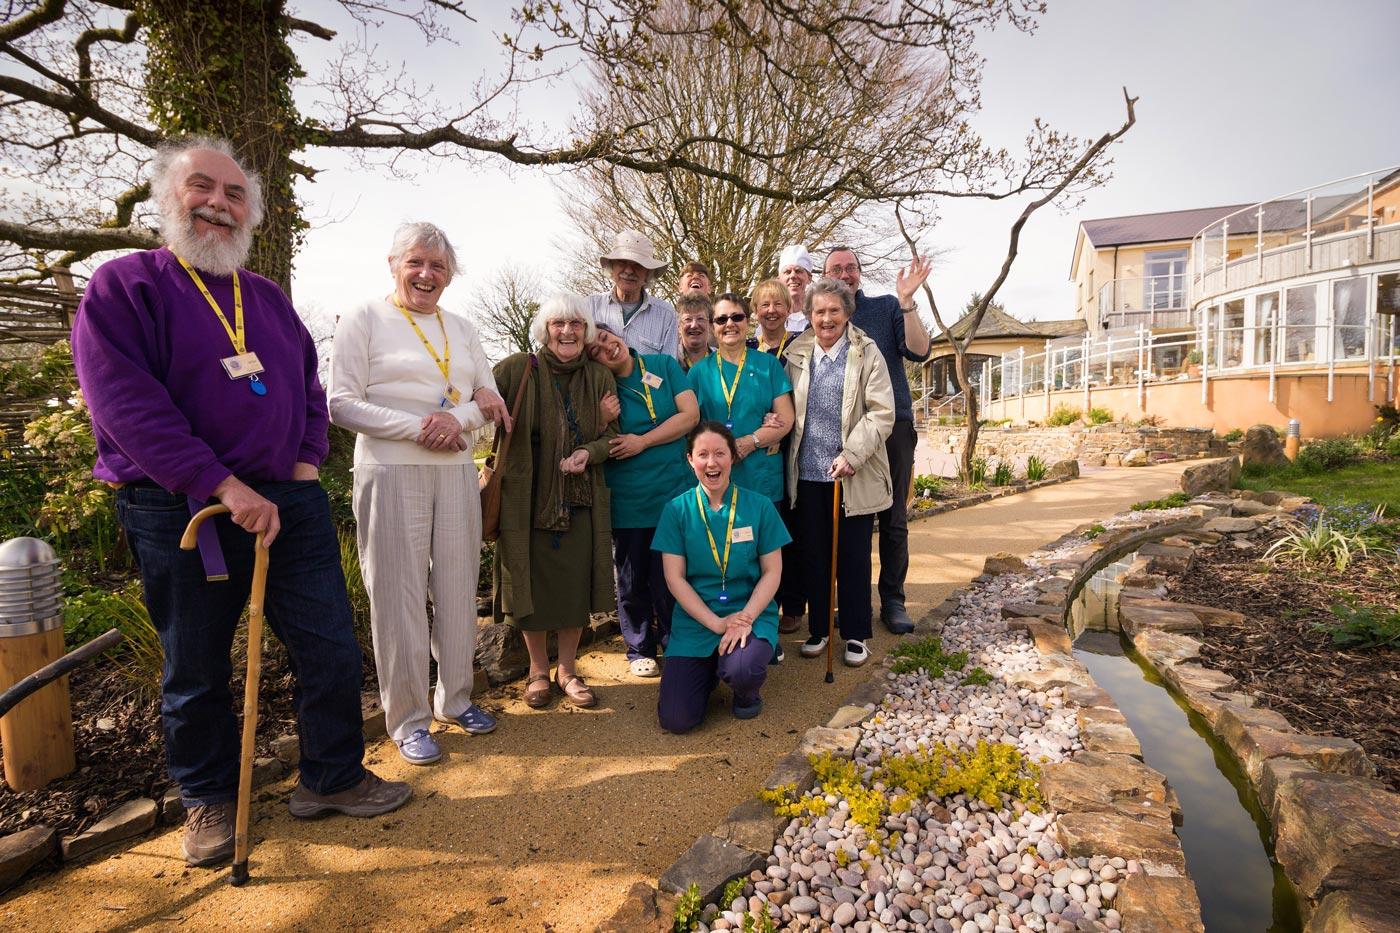 Staff, patients and volunteers in the Skanda Vale Hospice garden